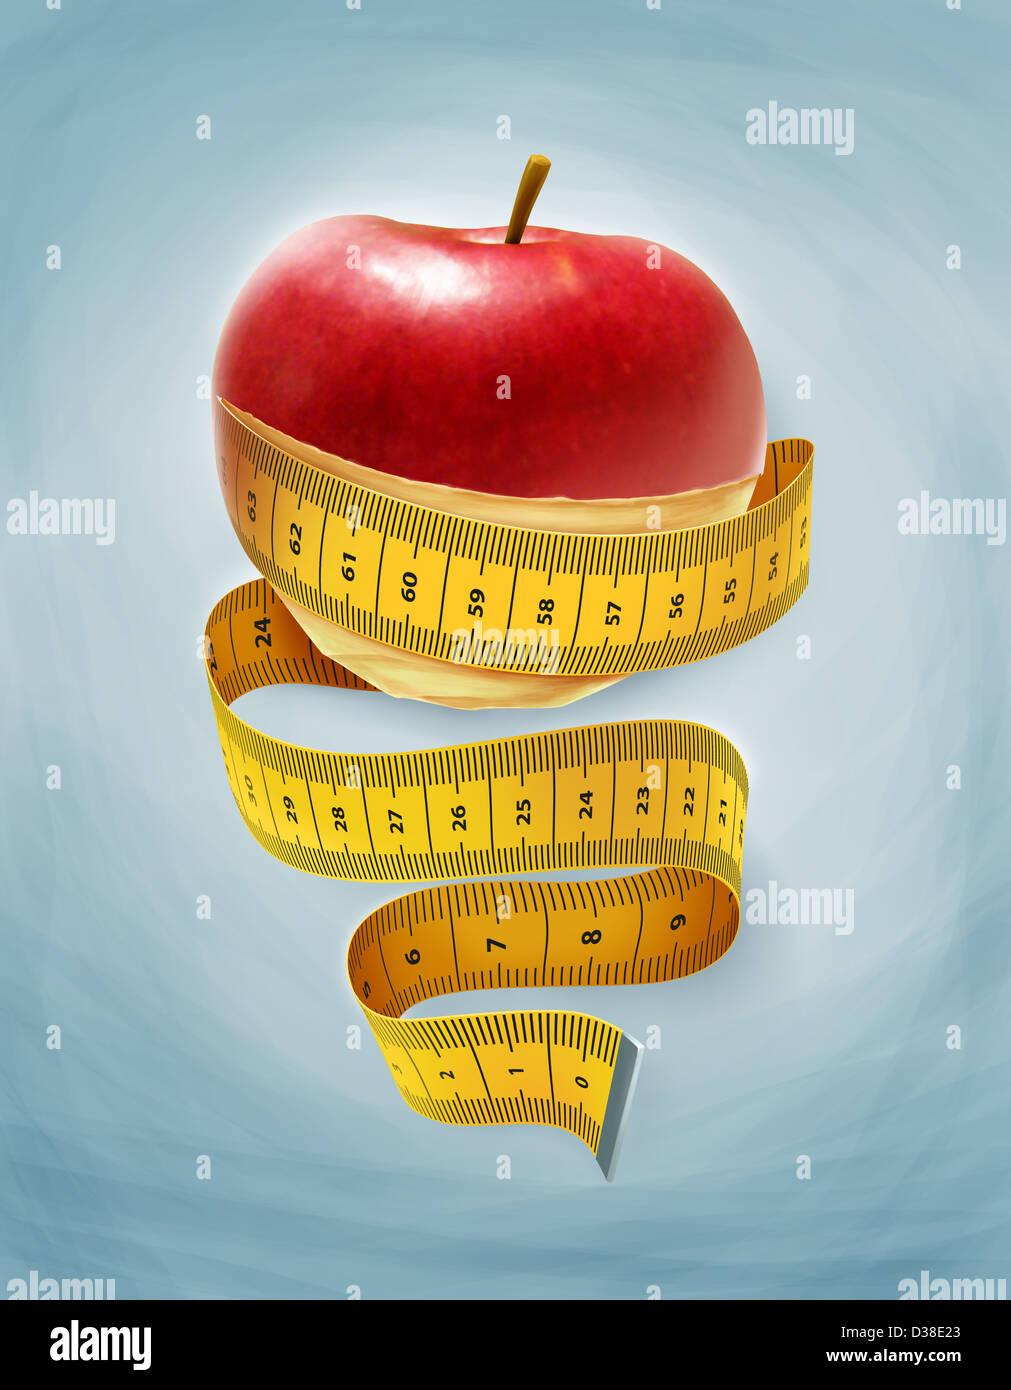 Imagem ilustrativa de um Apple embalado com fita de medição representando dieta Imagens de Stock